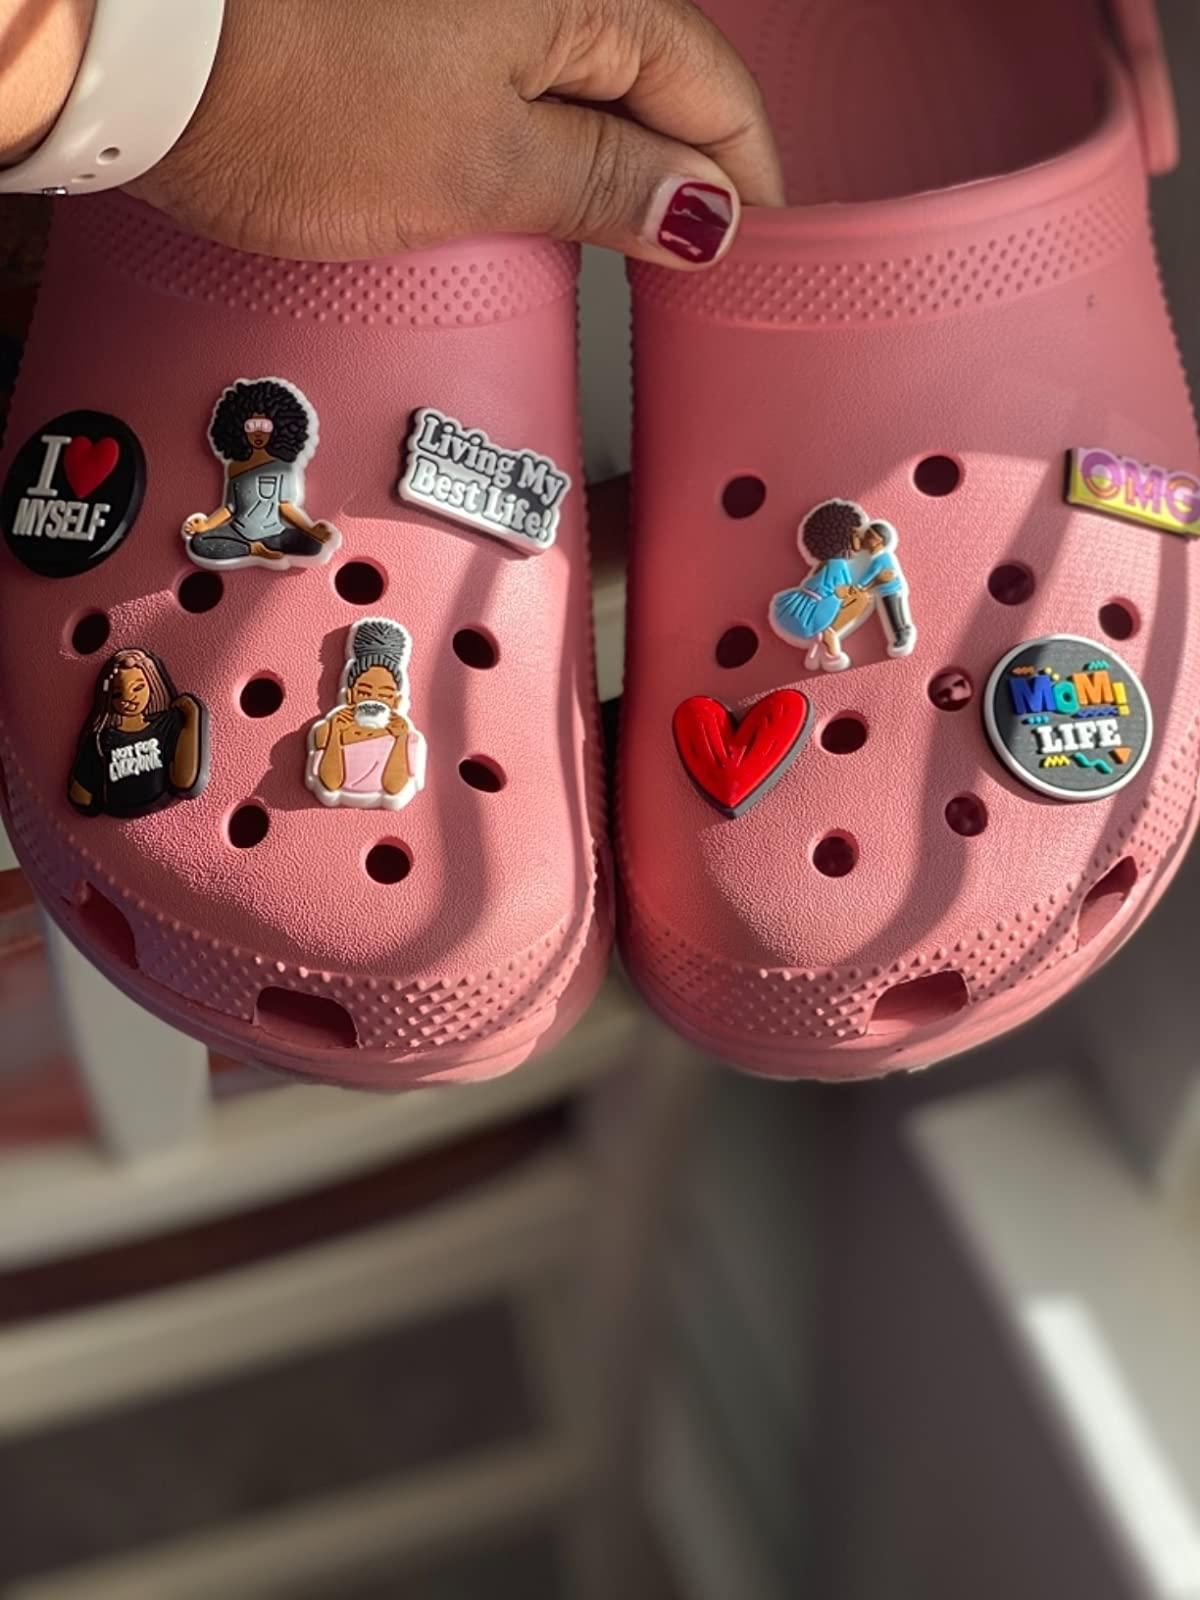 Nero Lives Matter Shoe Charms BLM Black Girls Donne PVC Pin Pin Scarpe Decorazione per Croc Braccialetti Nero Baby Boy Girl Girl Party Favors Regali di compleanno